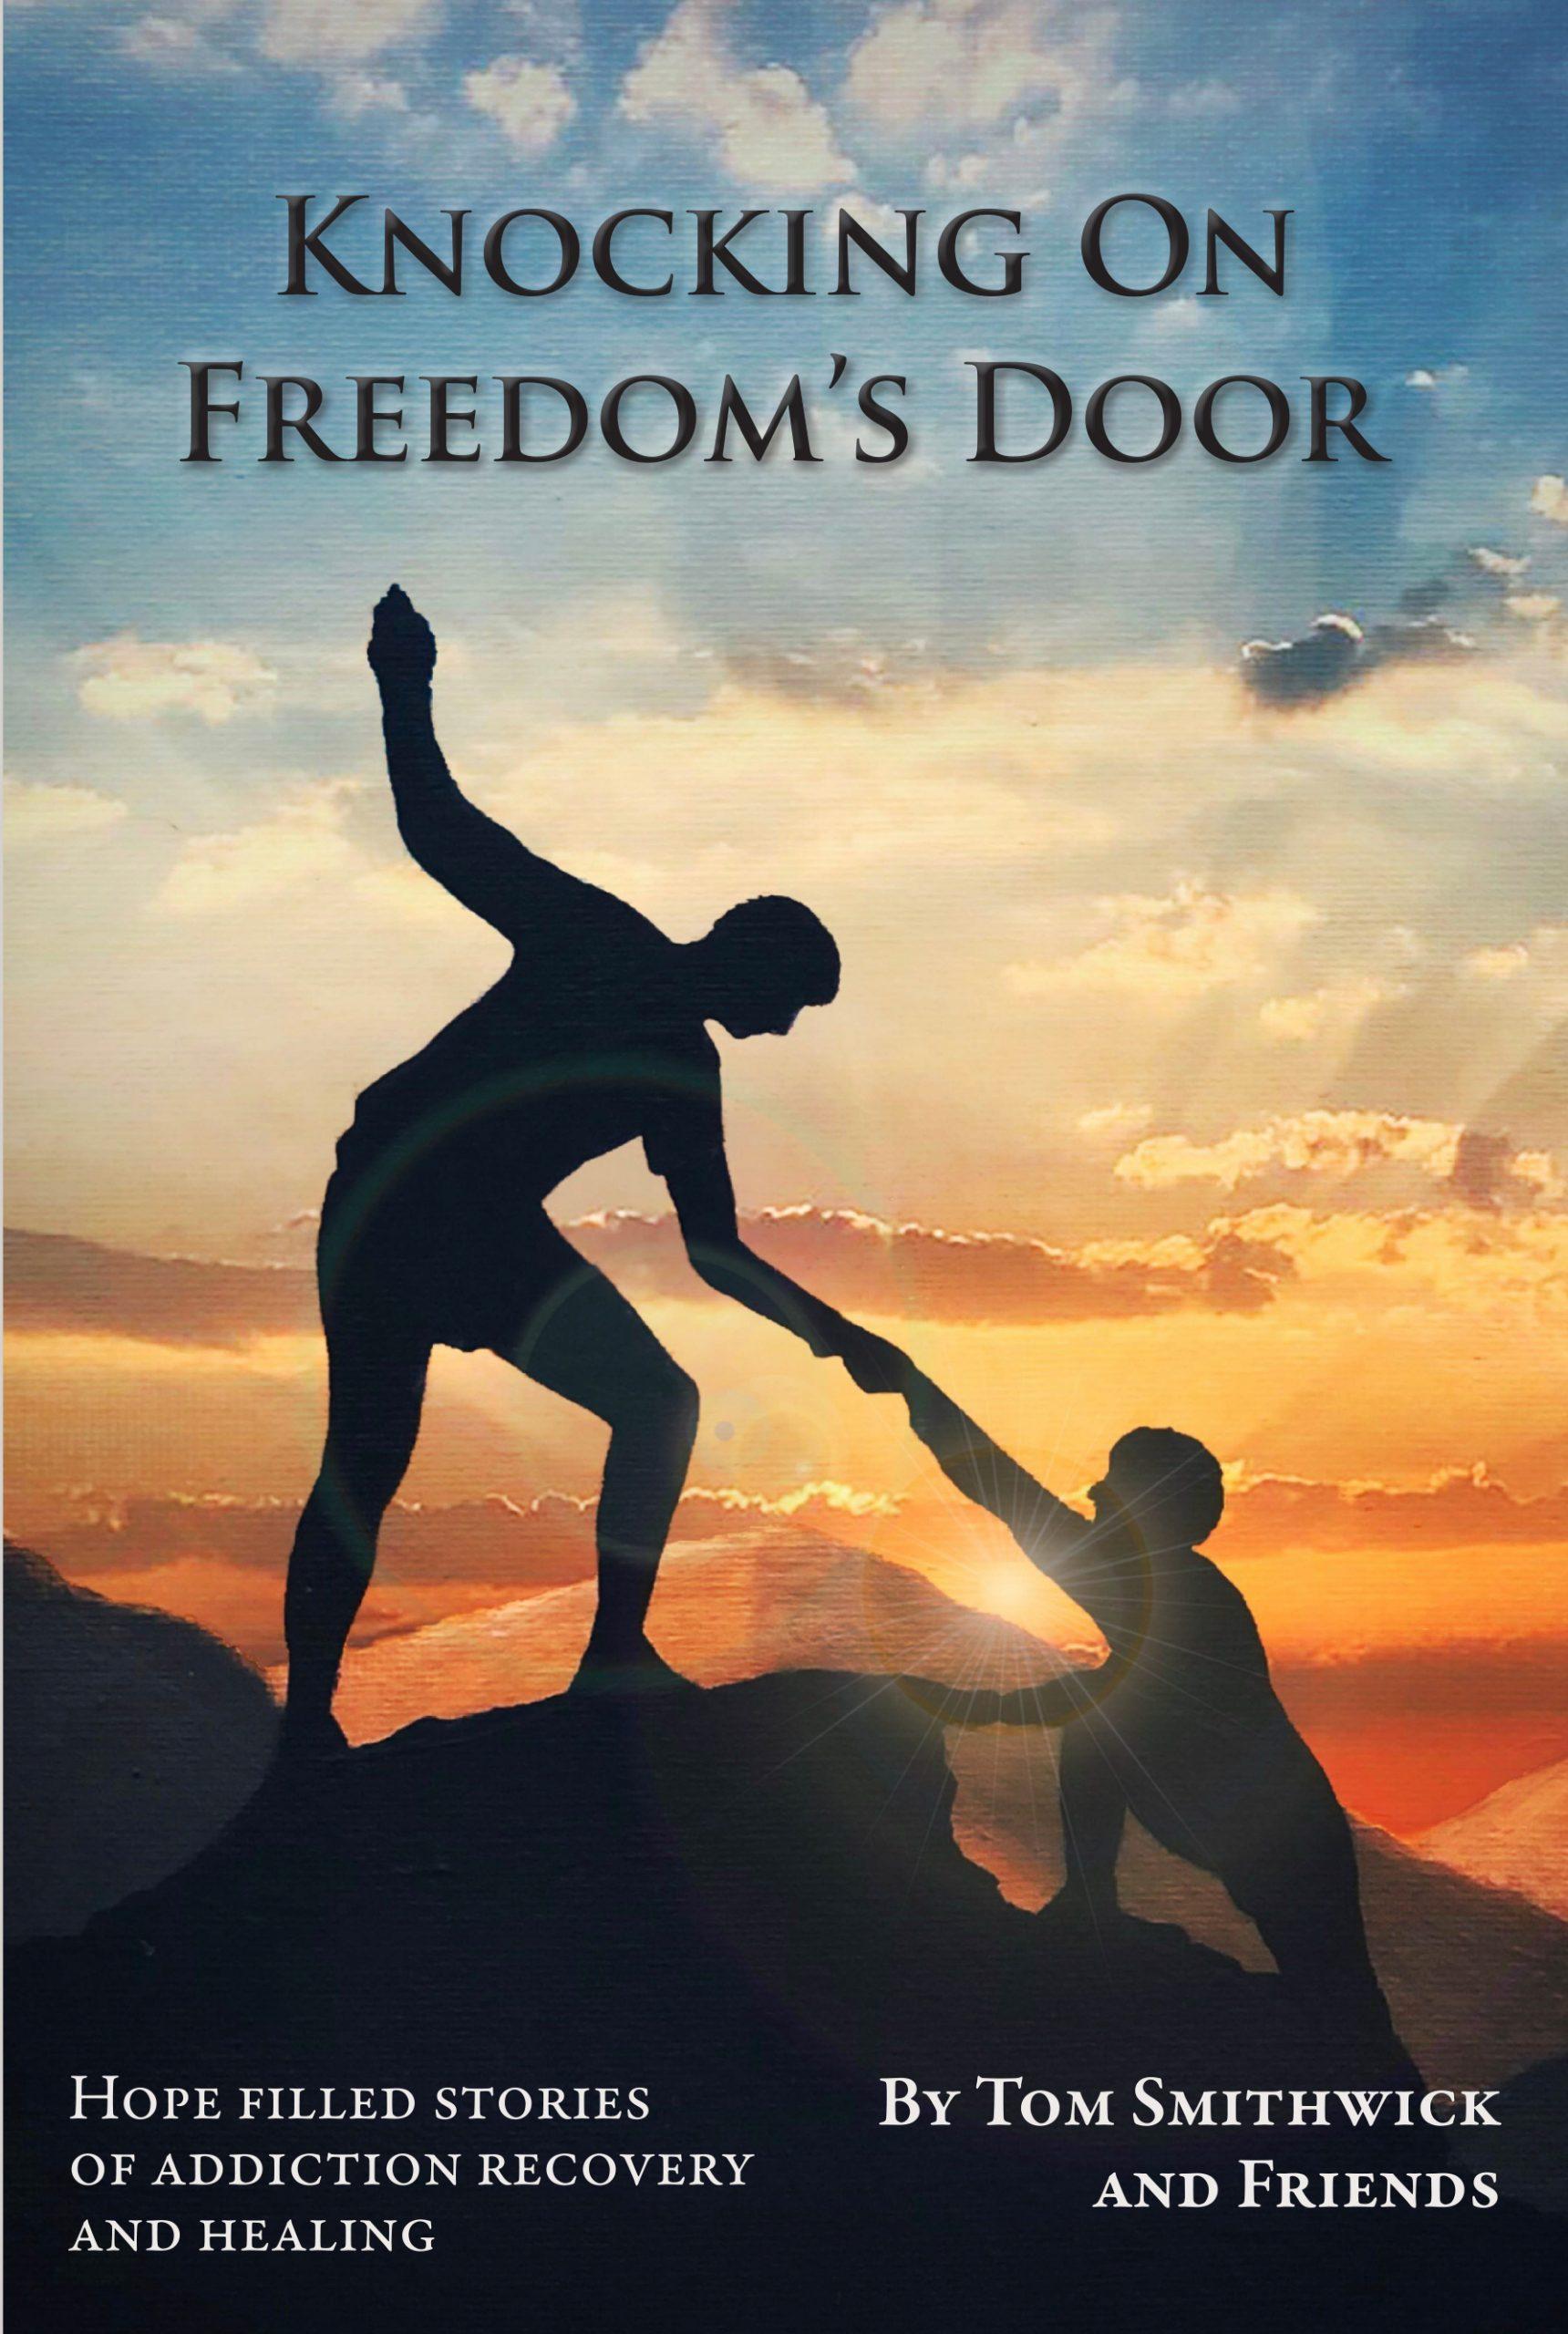 Knocking on Freedom's Door